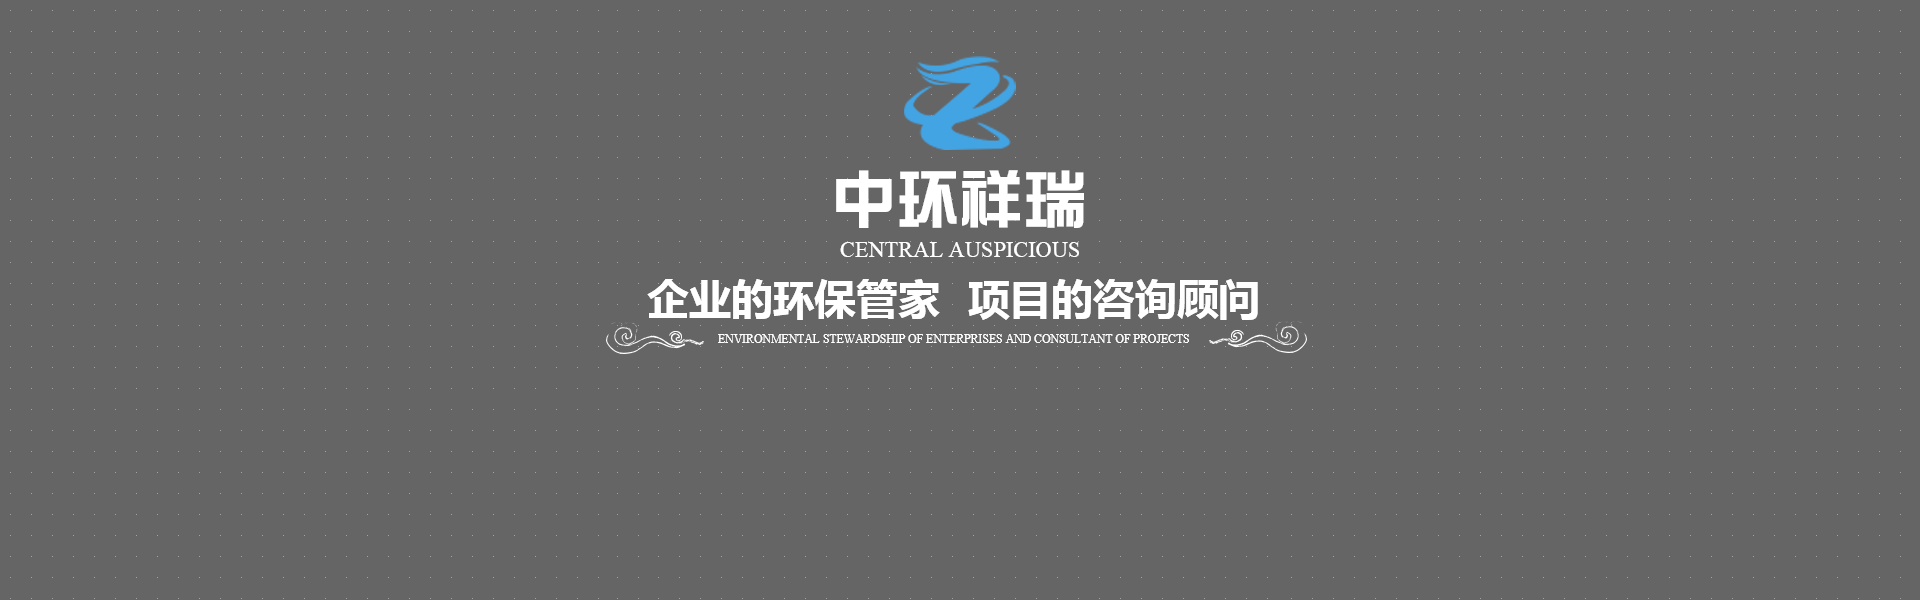 遼寧亞虎娛樂工程技術